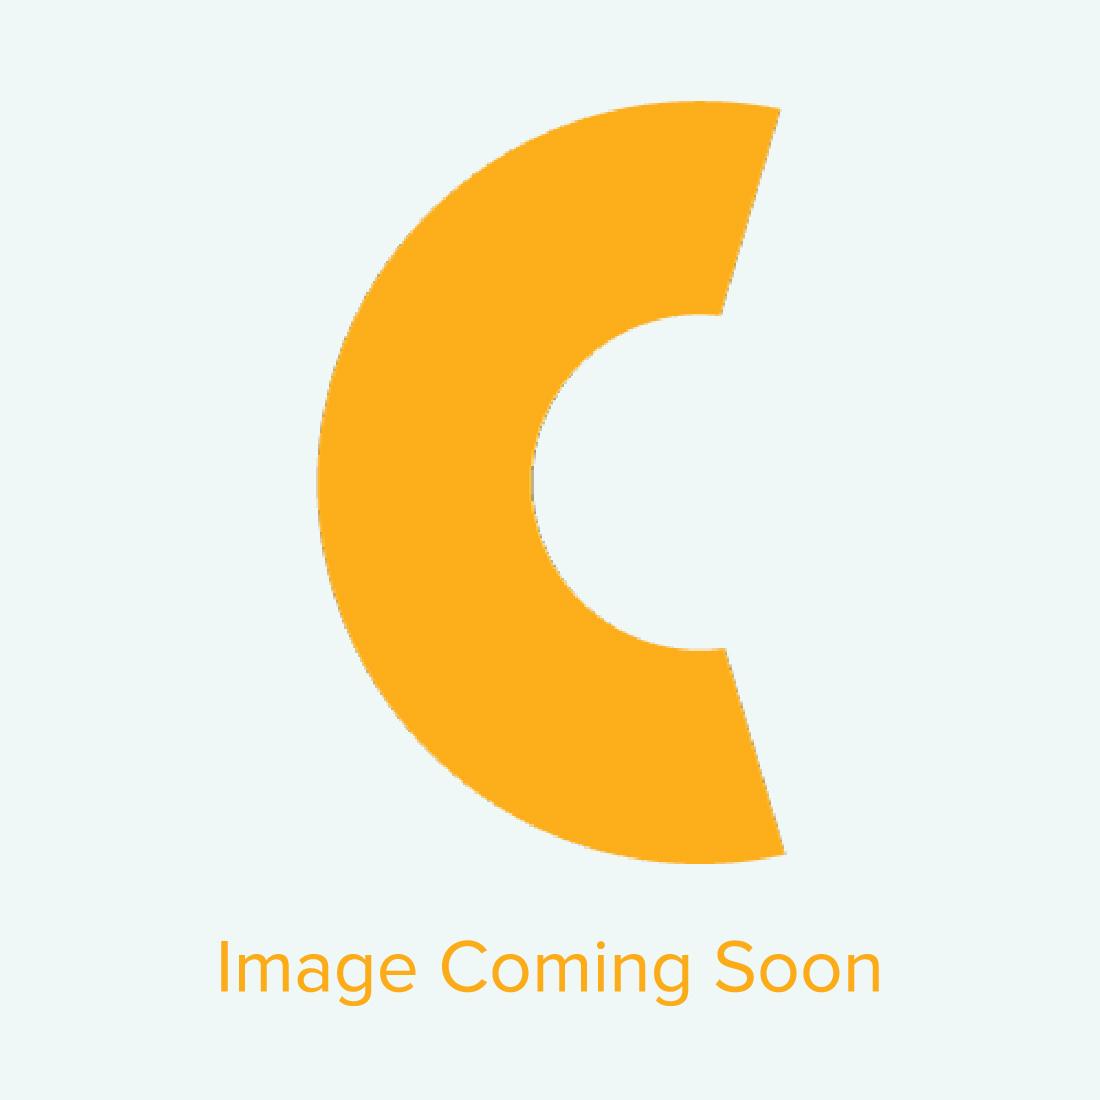 ChromaLuxe Hardboard Sublimation Hinged Photo Display Panels (Set of 3)